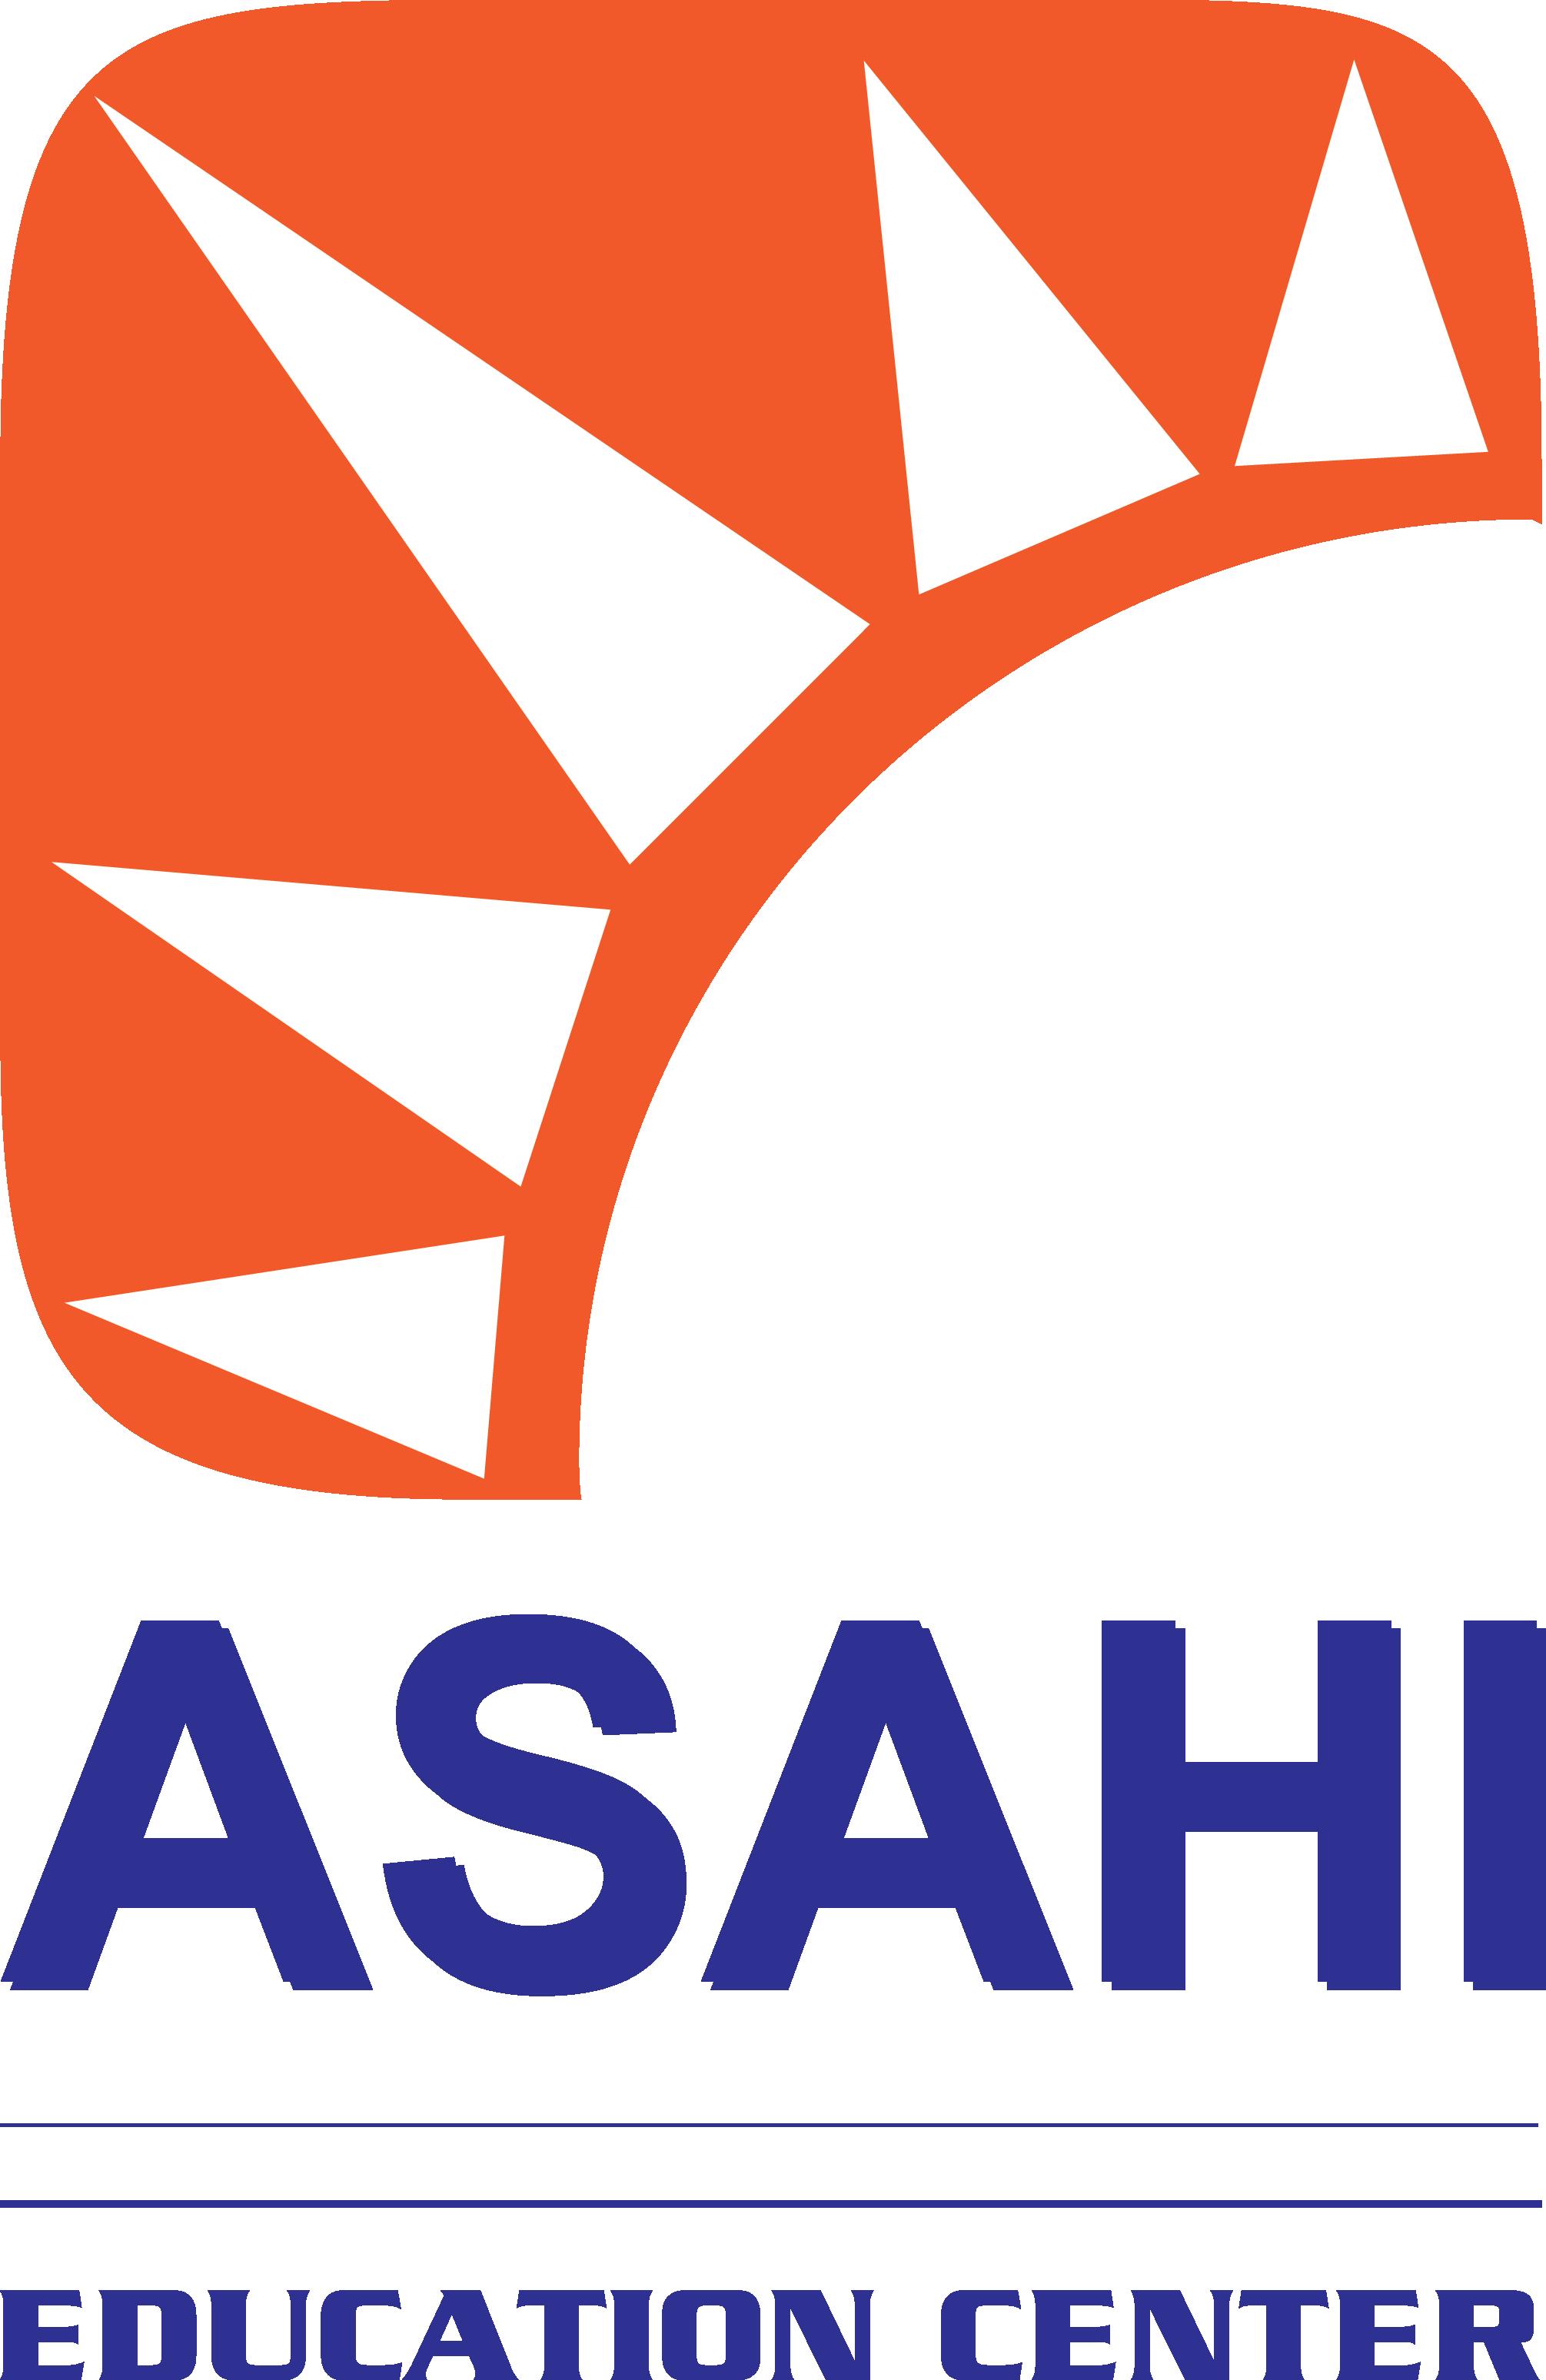 Trung tâm học tiếng Nhật tại Bình Dương NHẬT NGỮ ASAHI